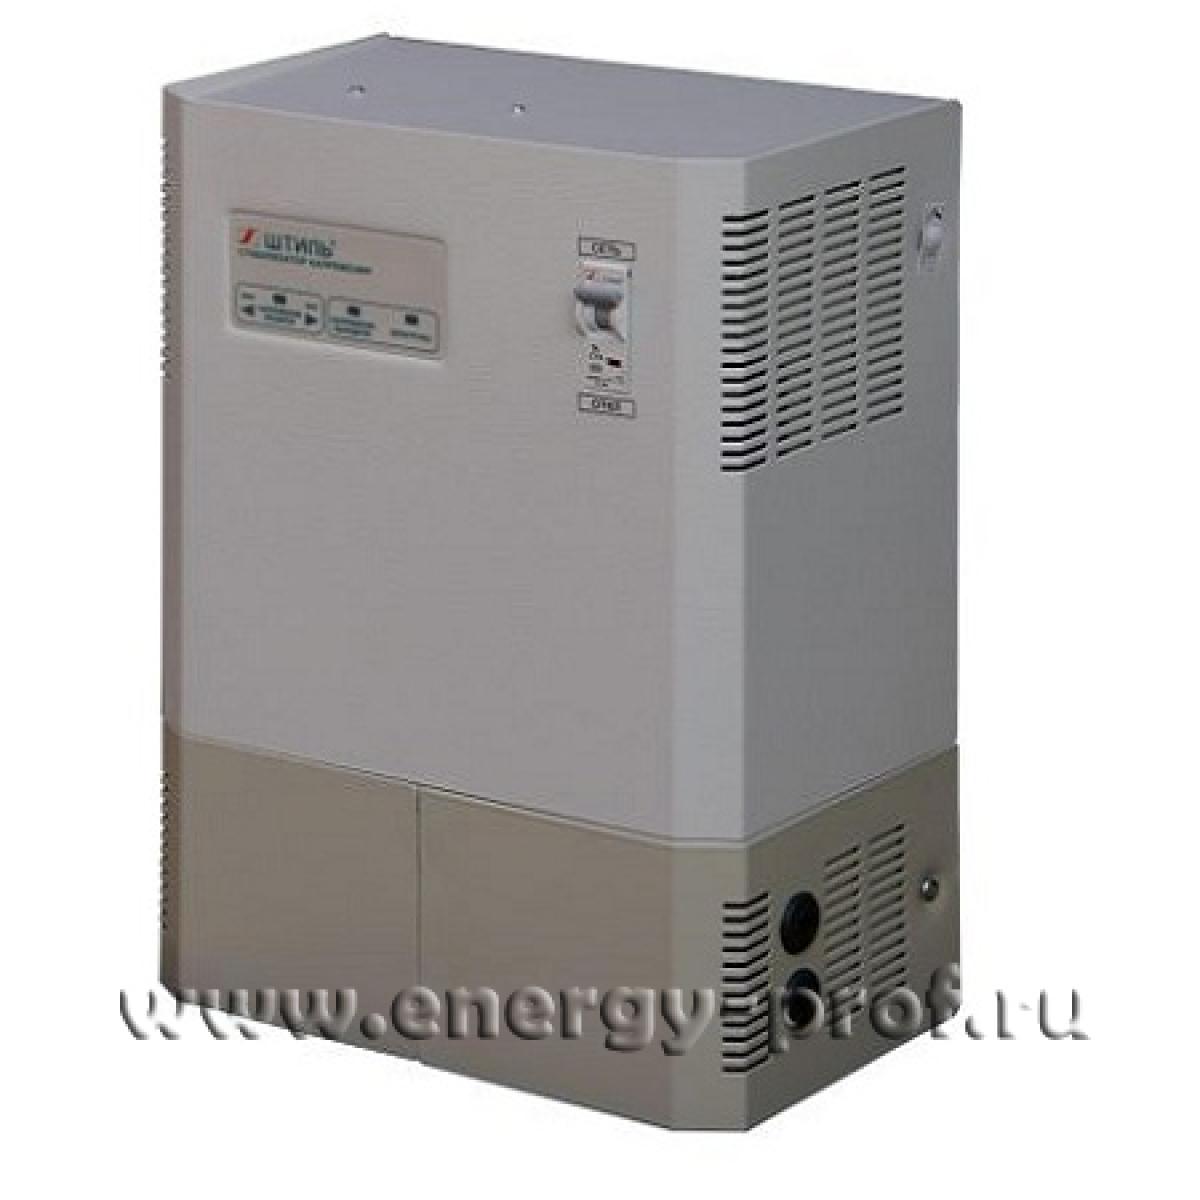 Однофазный стабилизатор Штиль R 3000 SP